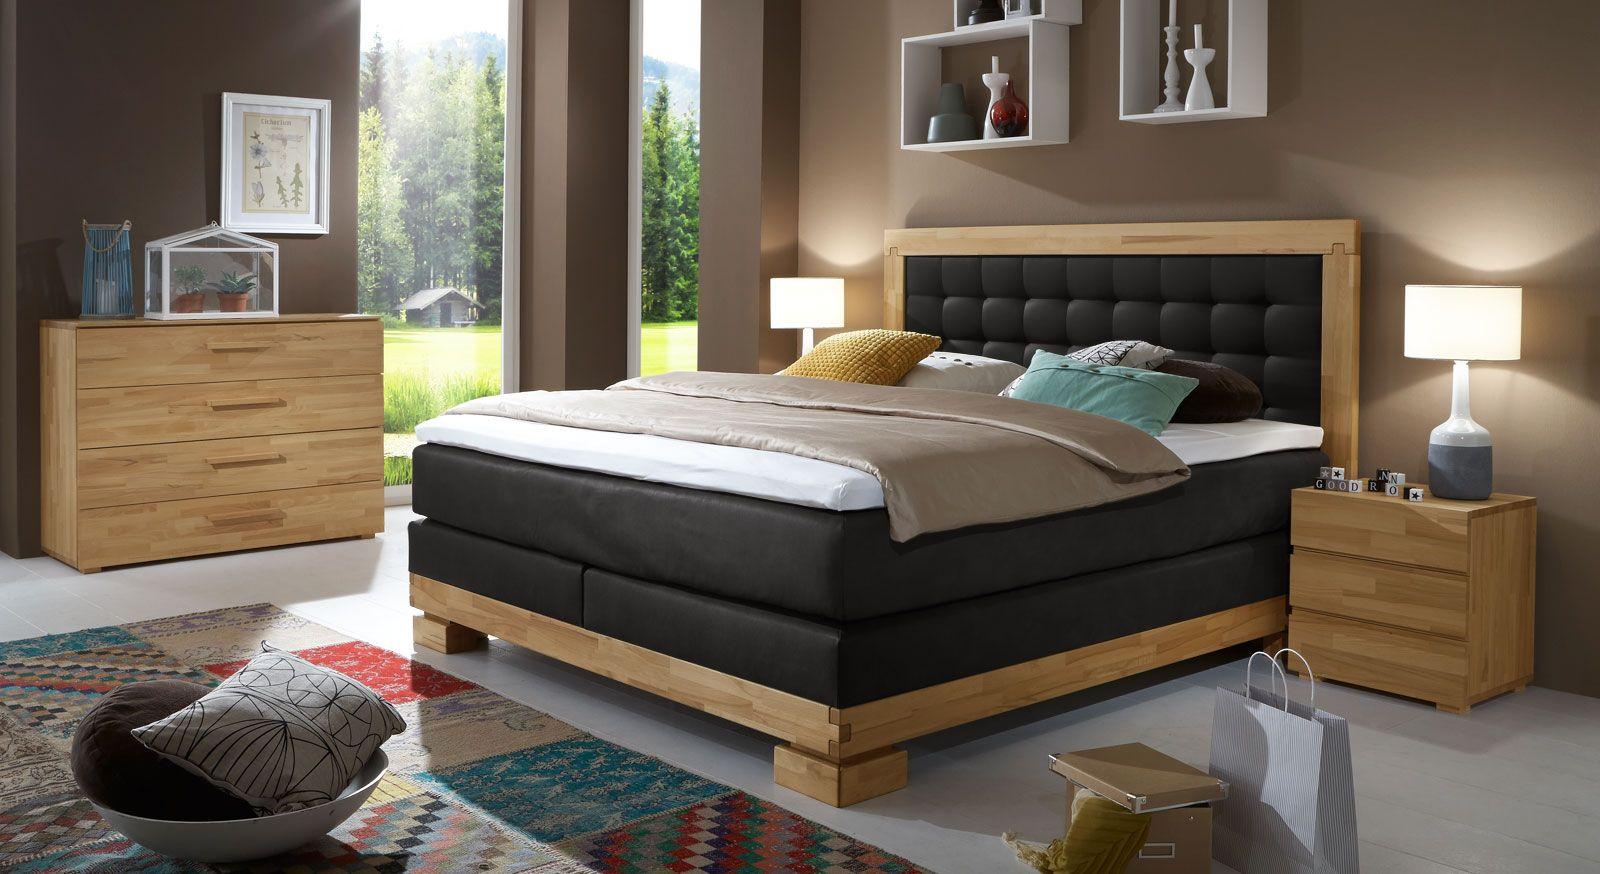 schlafzimmer komplettset g nstig 1 zimmer k che bad beste von tolle 28 schlafzimmer komplett. Black Bedroom Furniture Sets. Home Design Ideas